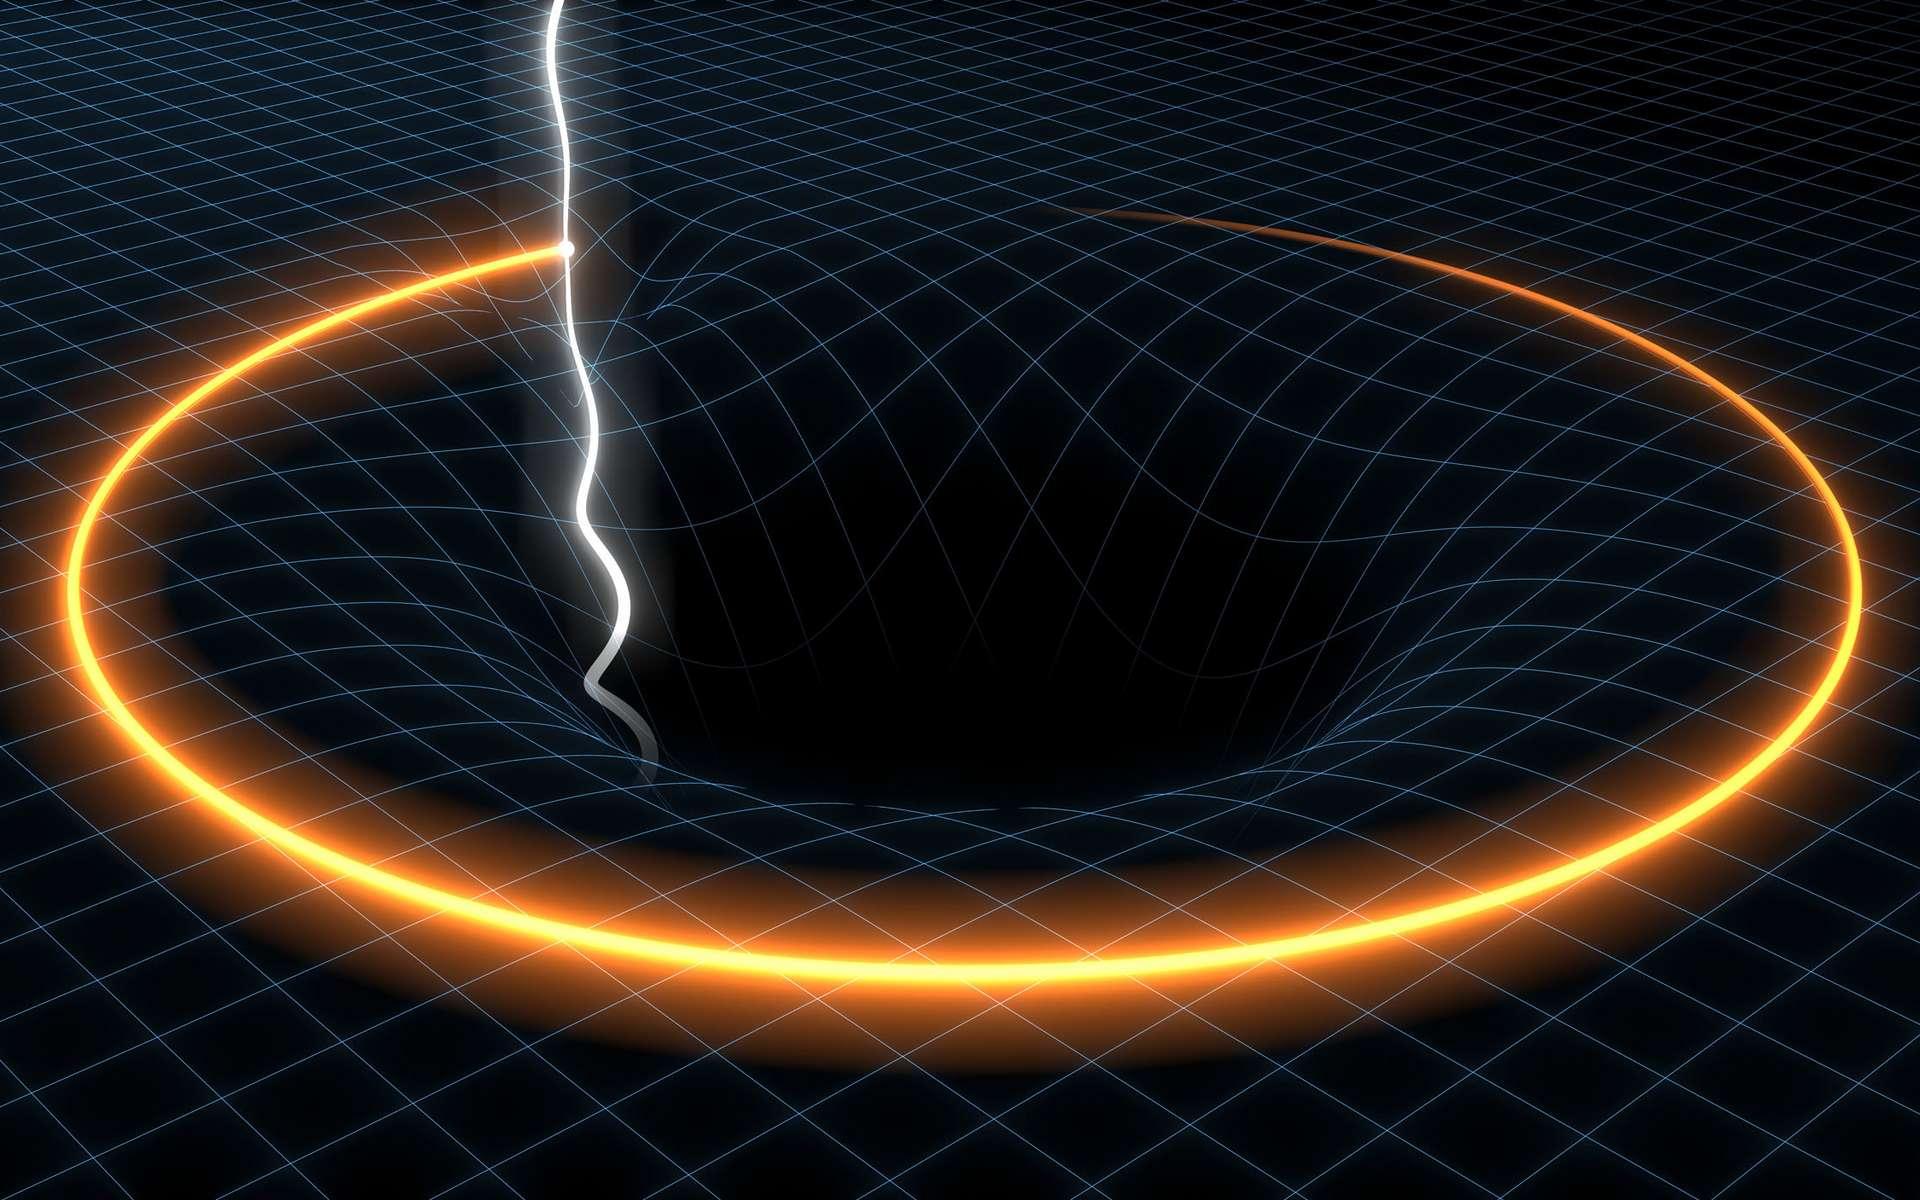 Une vue d'artiste d'une étoile à neutrons, un pulsar même, en orbite autour d'un trou noir de grande masse. © SKA Organisation-Swinburne Astronomy Productions